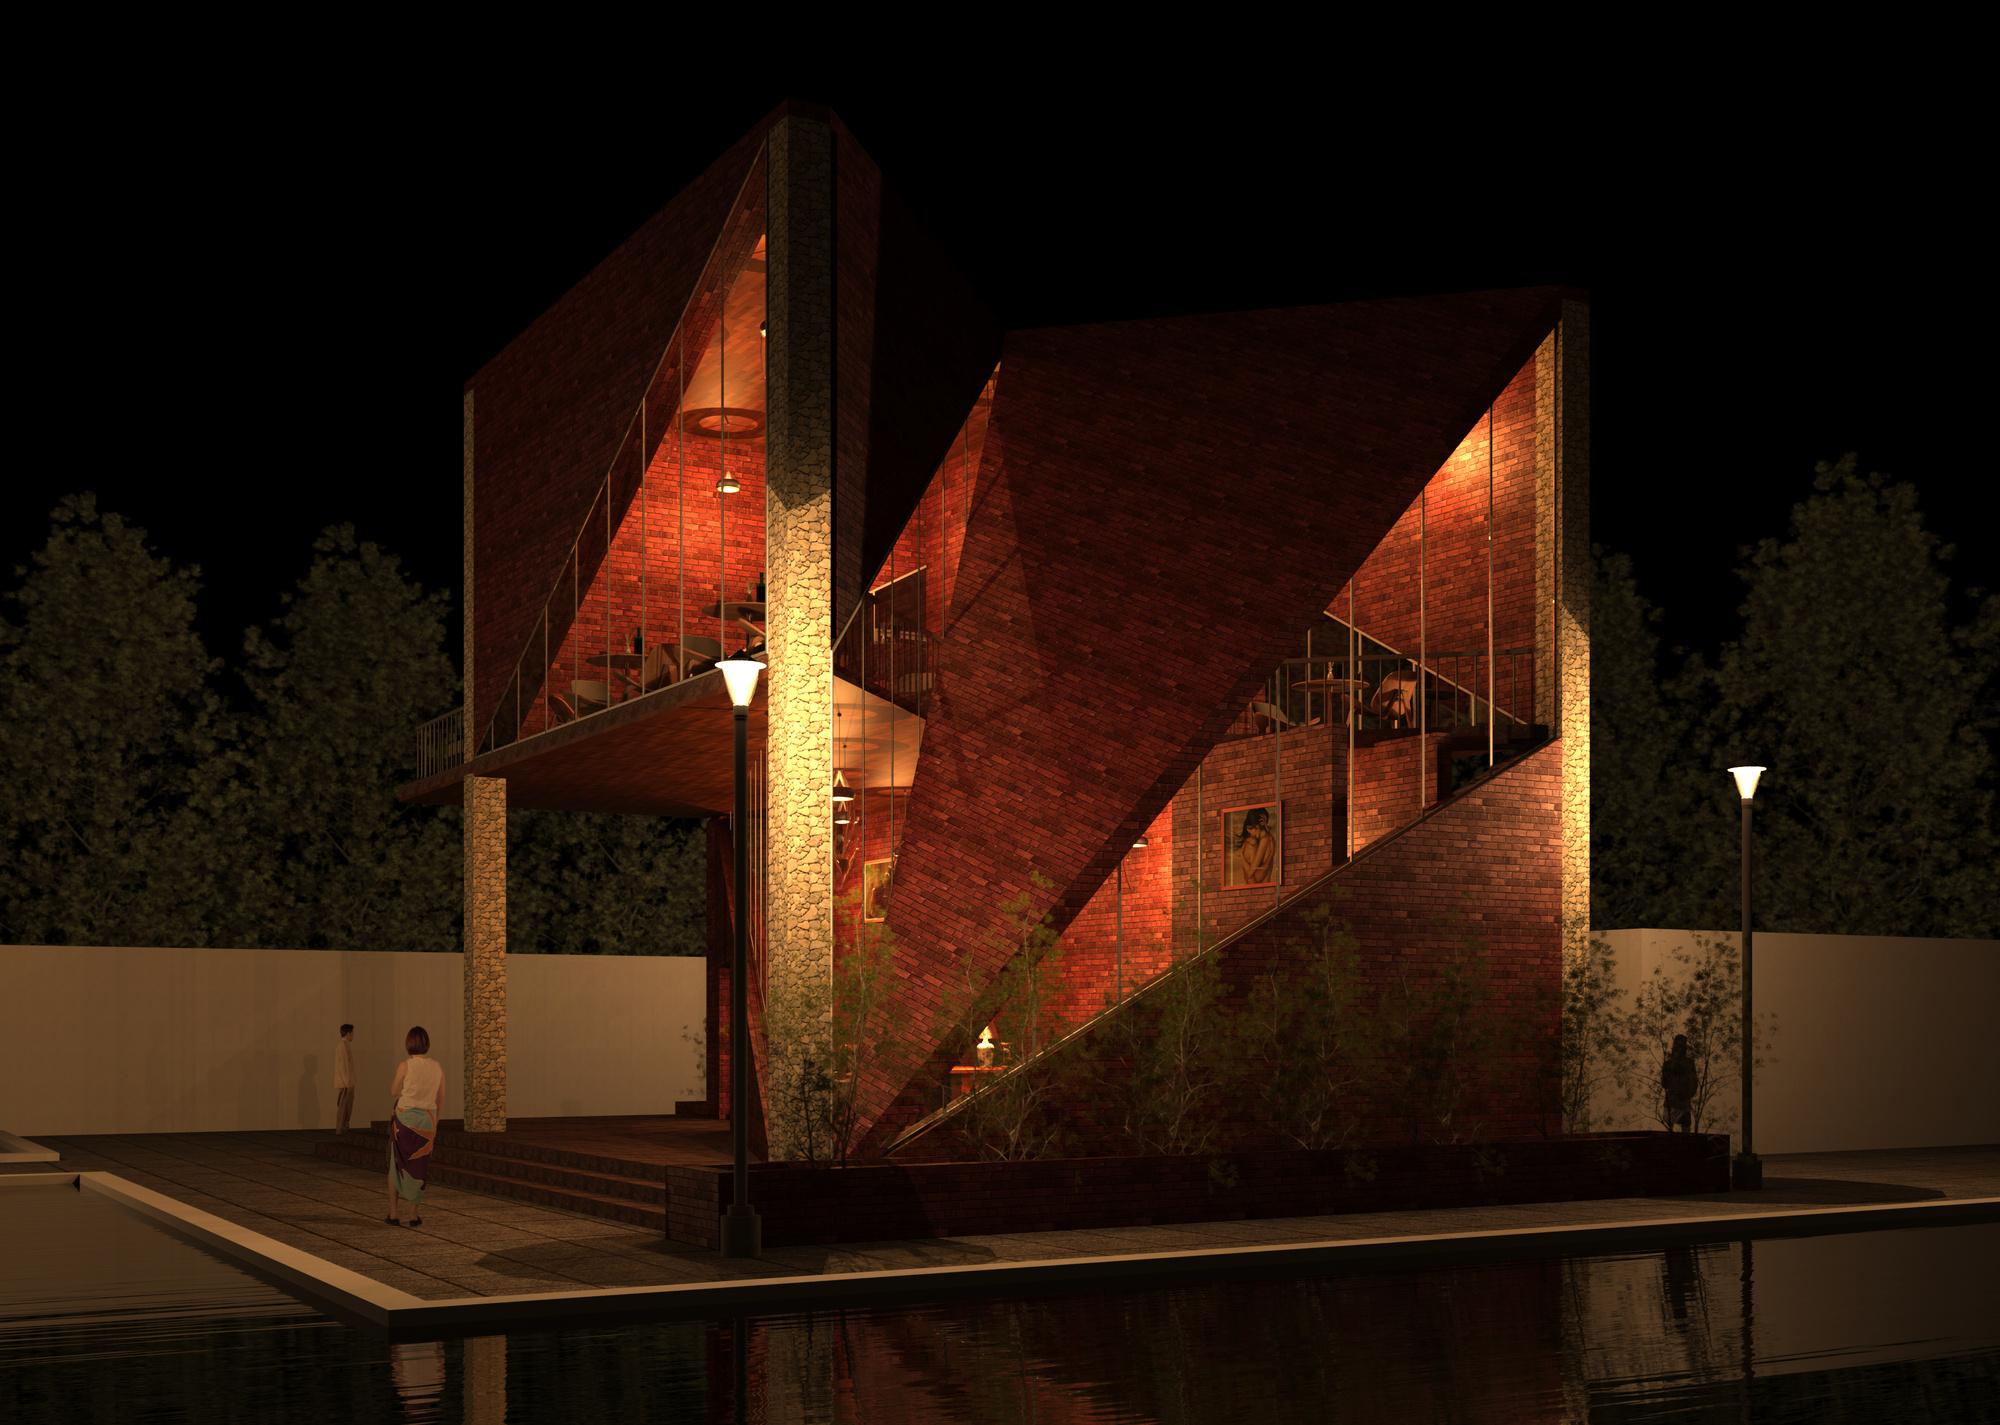 Raas-rendering20150213-4210-zysnws